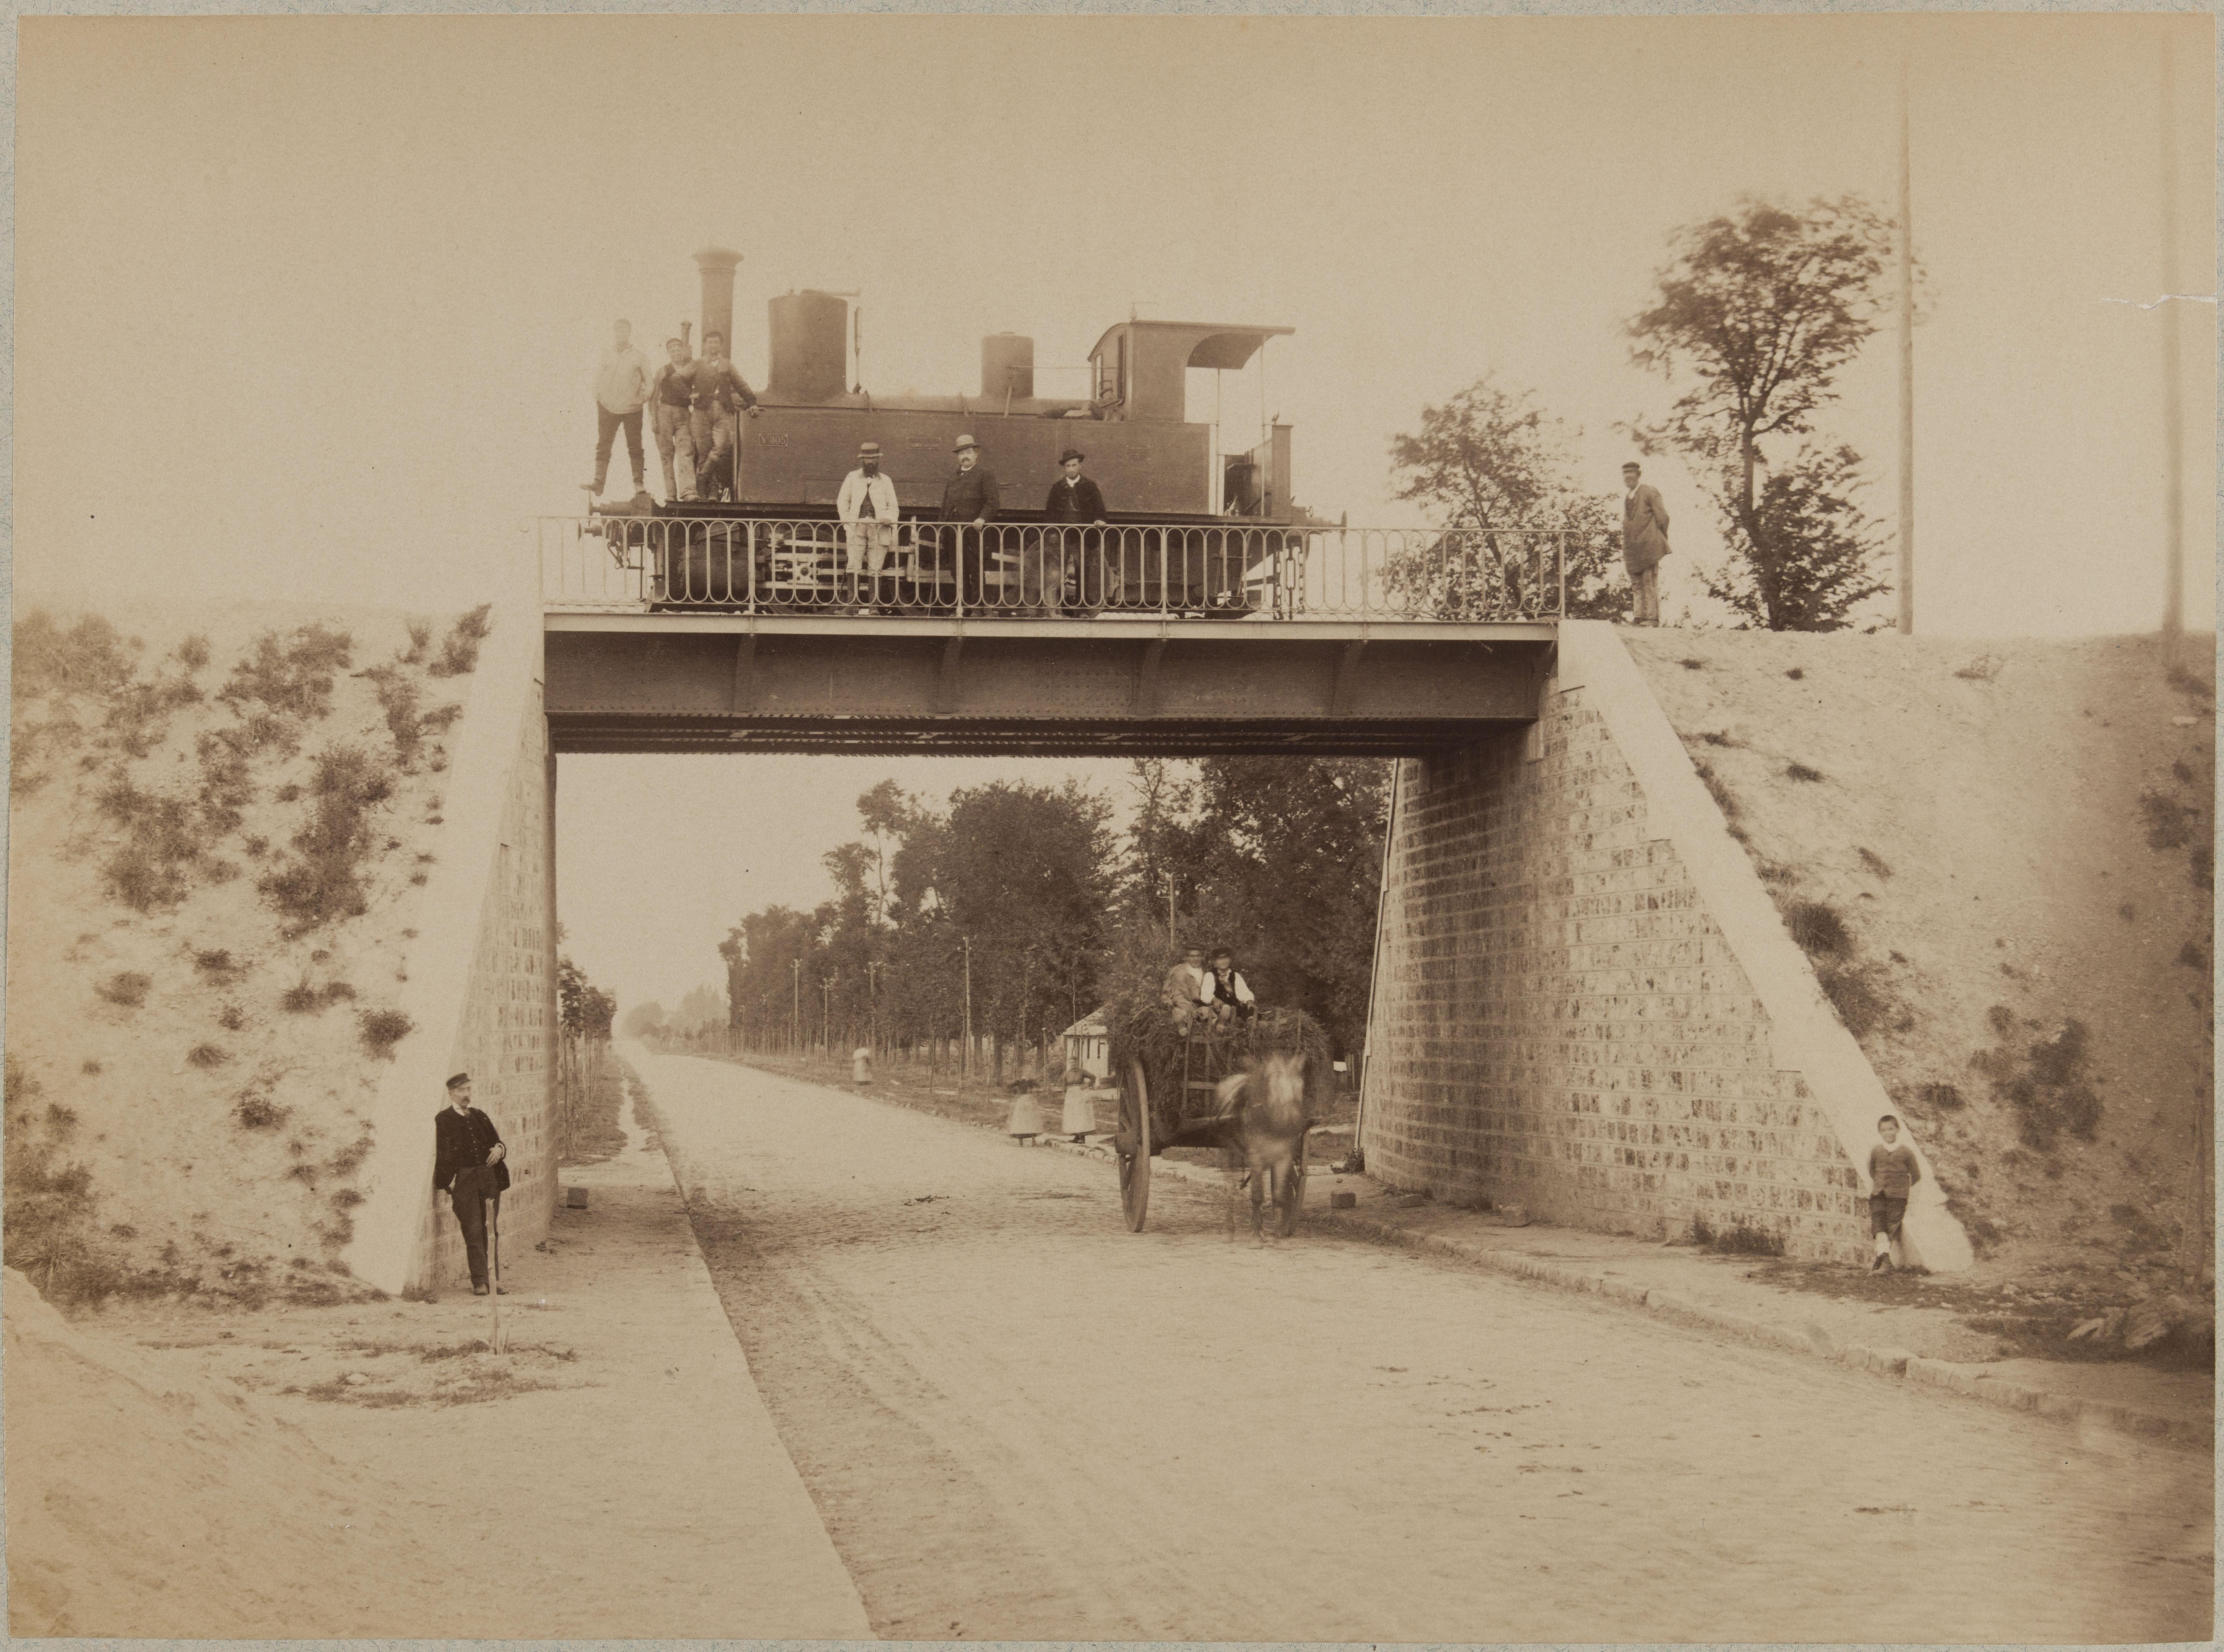 Нижний путепровод Национальной магистрали № 5 под мостом повозка, на мосту локомотив